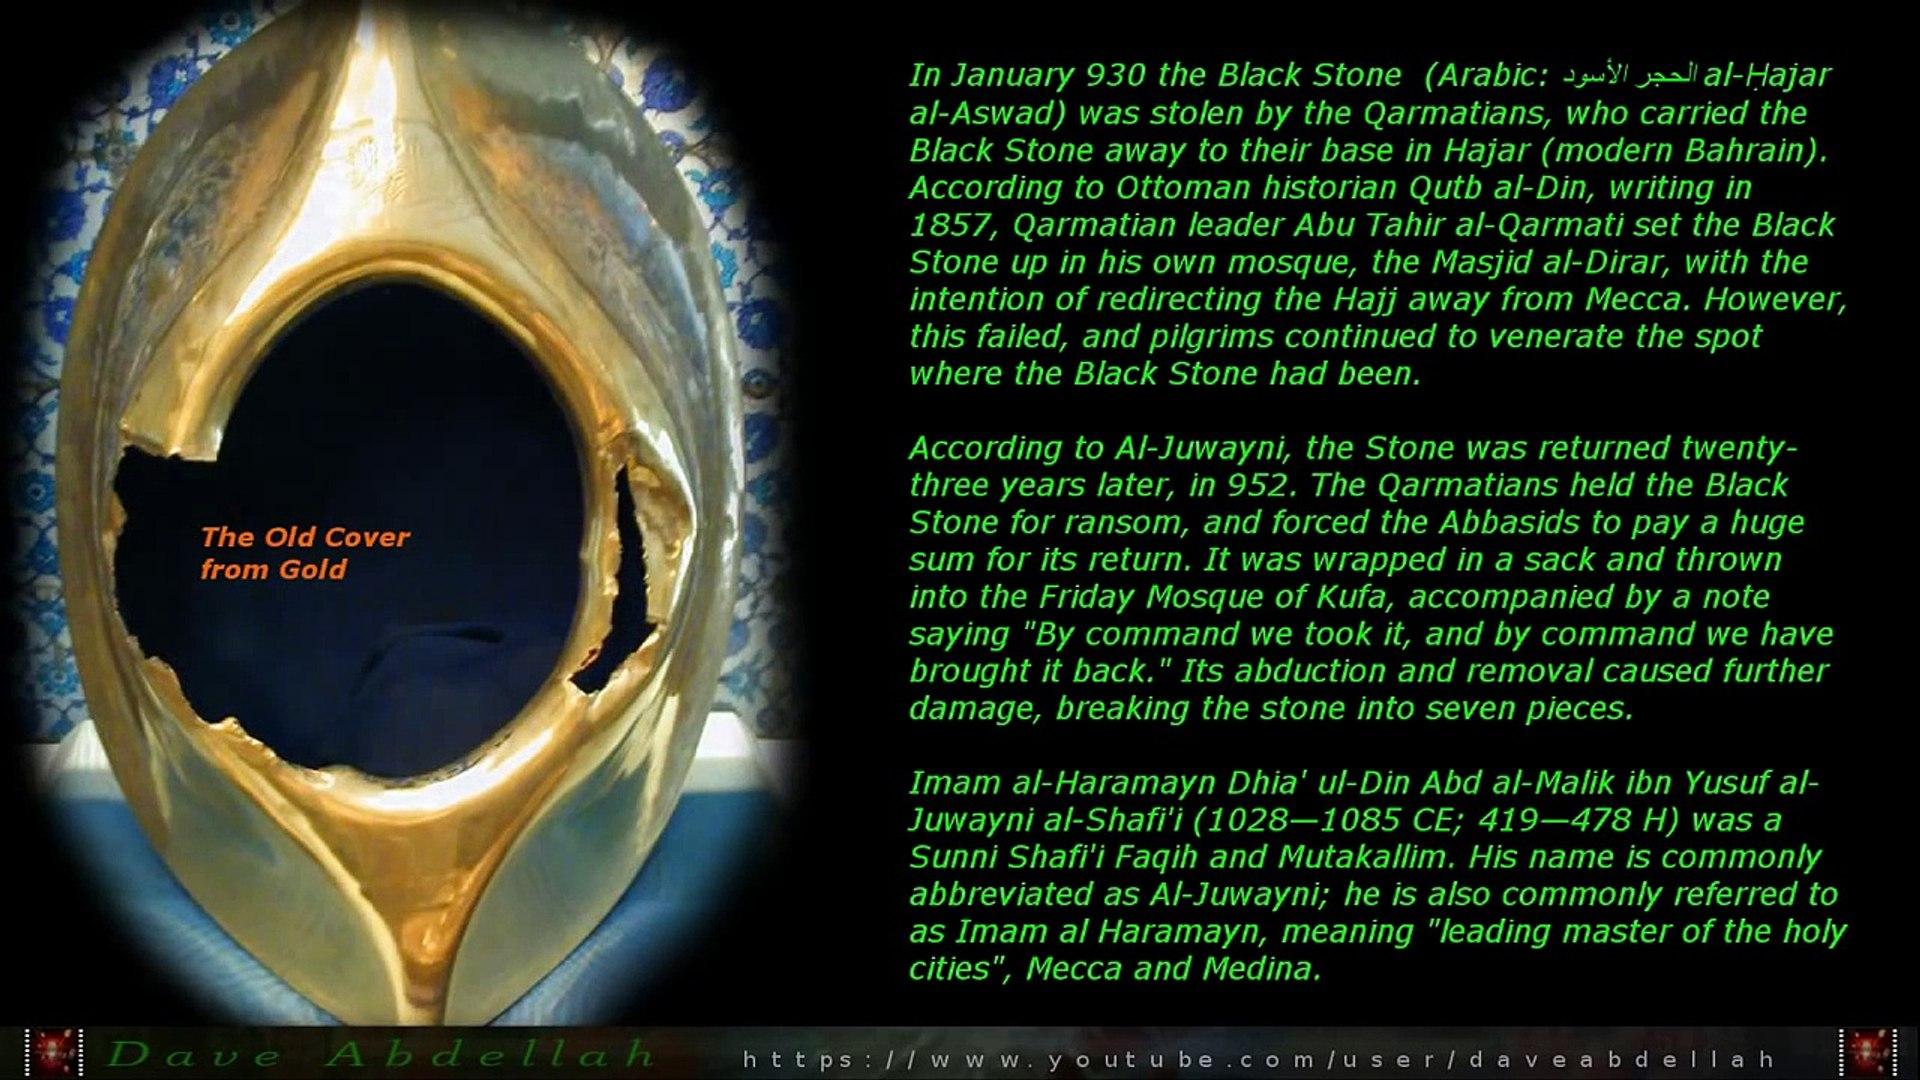 The stolen Black Stone, al-Hajar-ul-Aswad, Qarmatians, Bin Hassan Al  Qurmuti, Imam Al-Juwayni